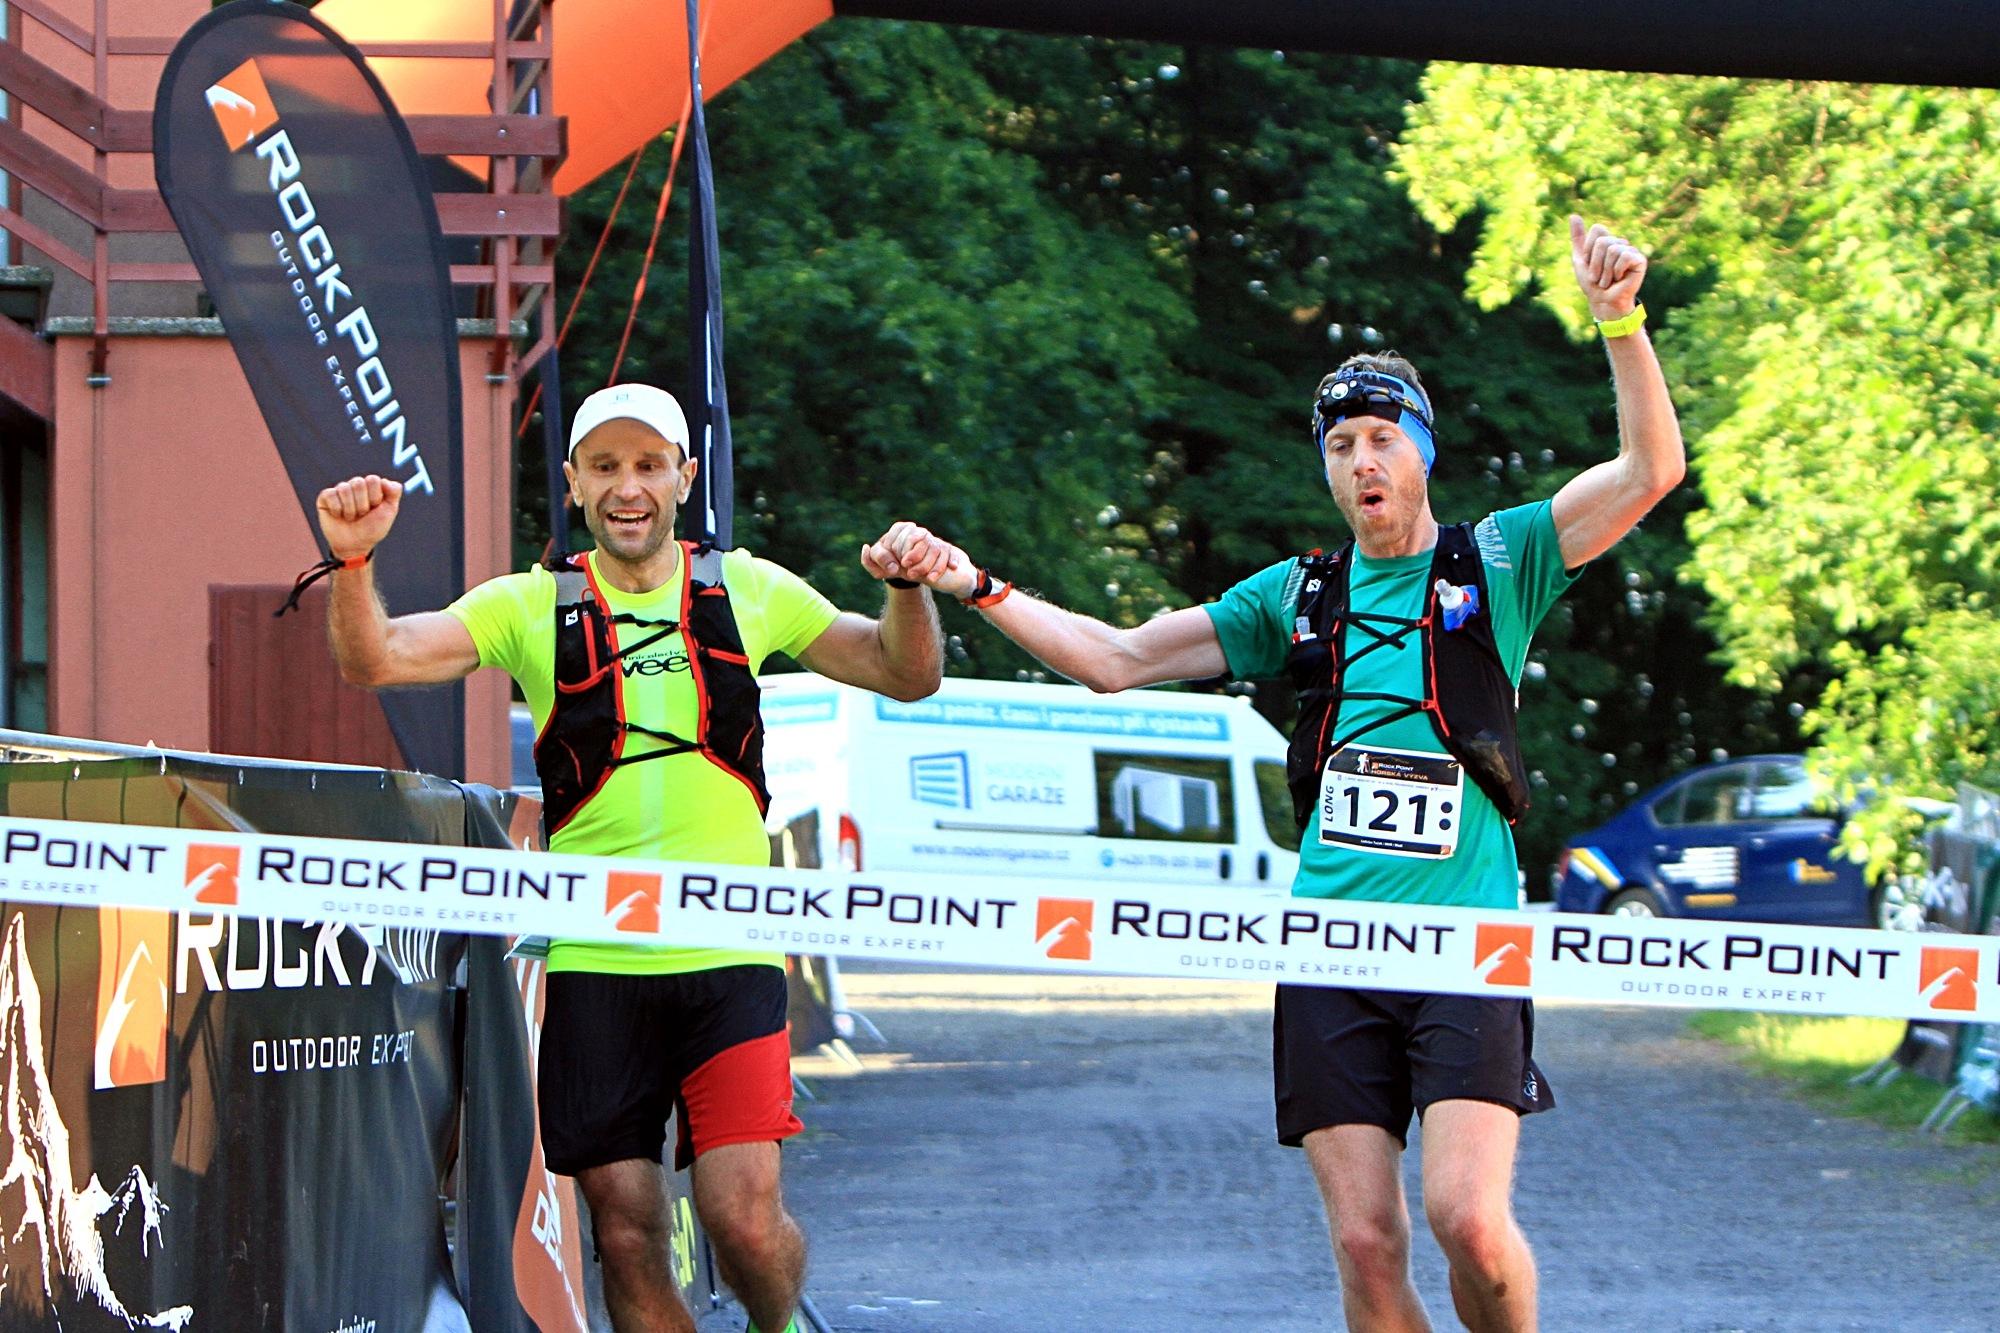 vítězové závodu Long Ladislav a Jakub (zleva) foto:P. Pátek PatRESS.cz